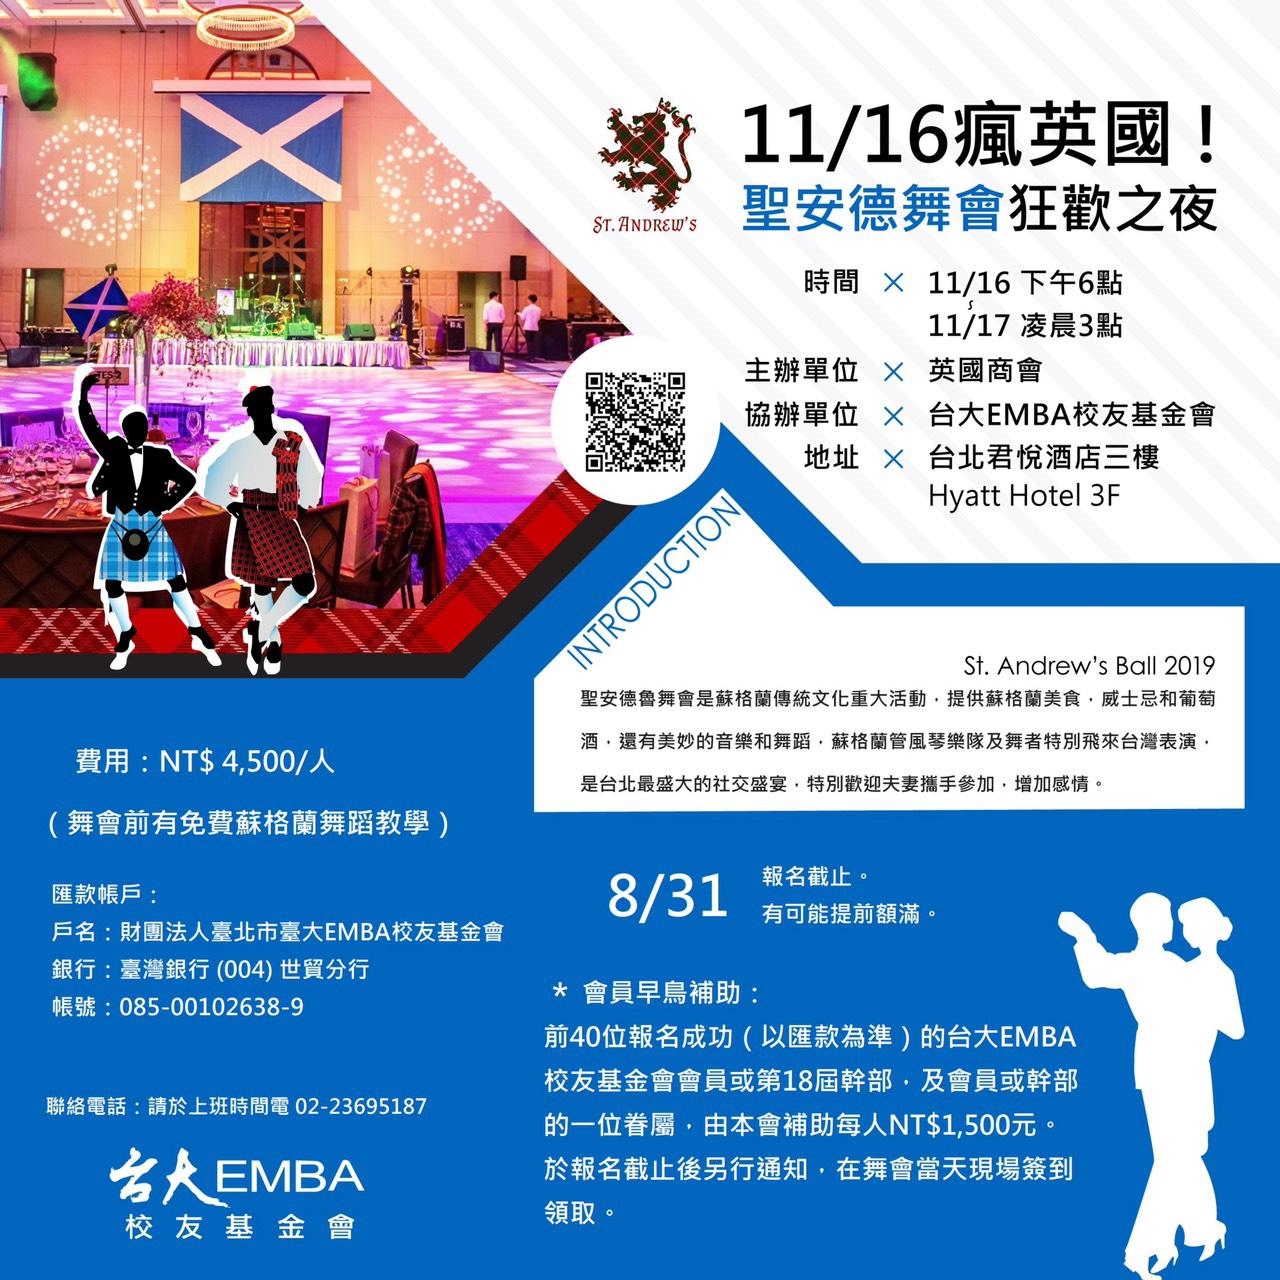 11/16-11/17瘋英國!<聖安德舞會>